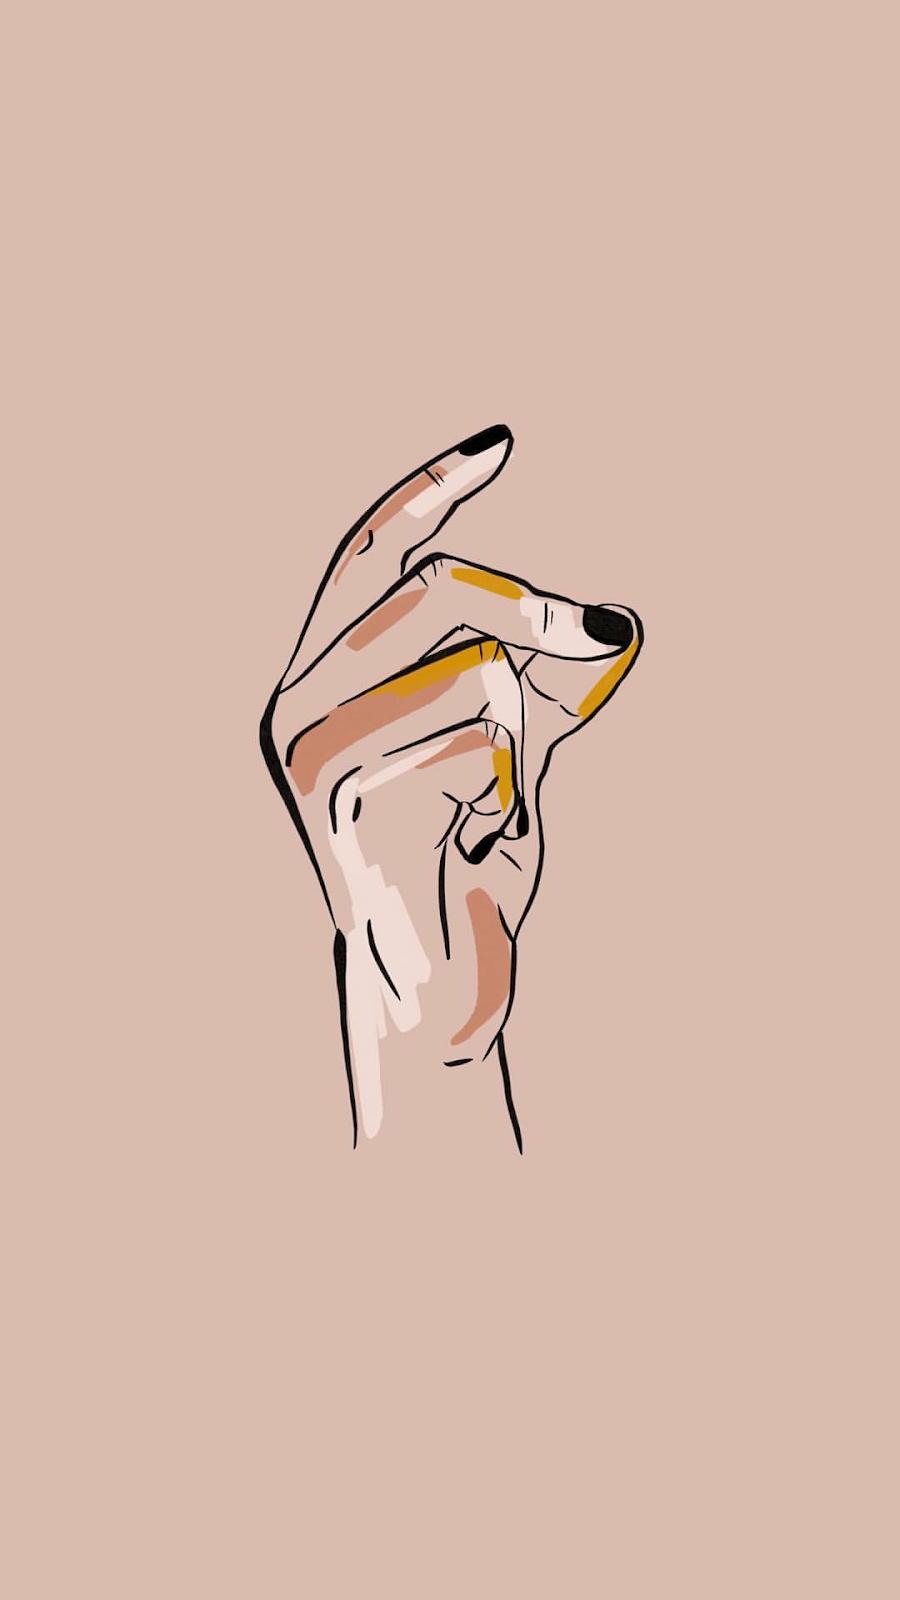 Арт Иллюстрация. Феминистское искусство. Визуал для Instagram. Обложки для Highlights Instagram